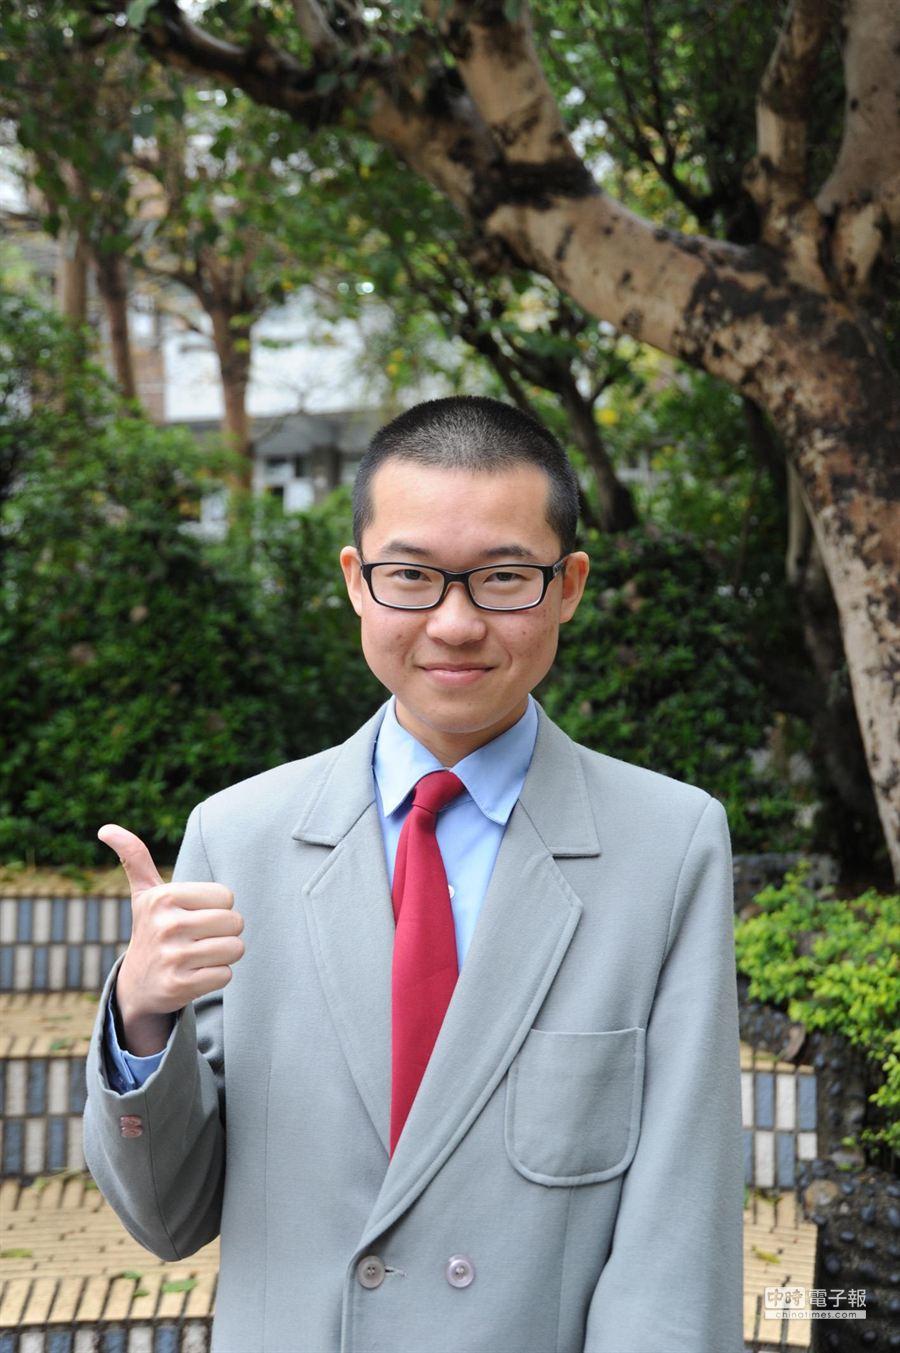 苗栗縣學測榜首陳靖霖,74級分可達醫科錄取標準,但他傾向選讀台大物理系。(陳慶居攝)